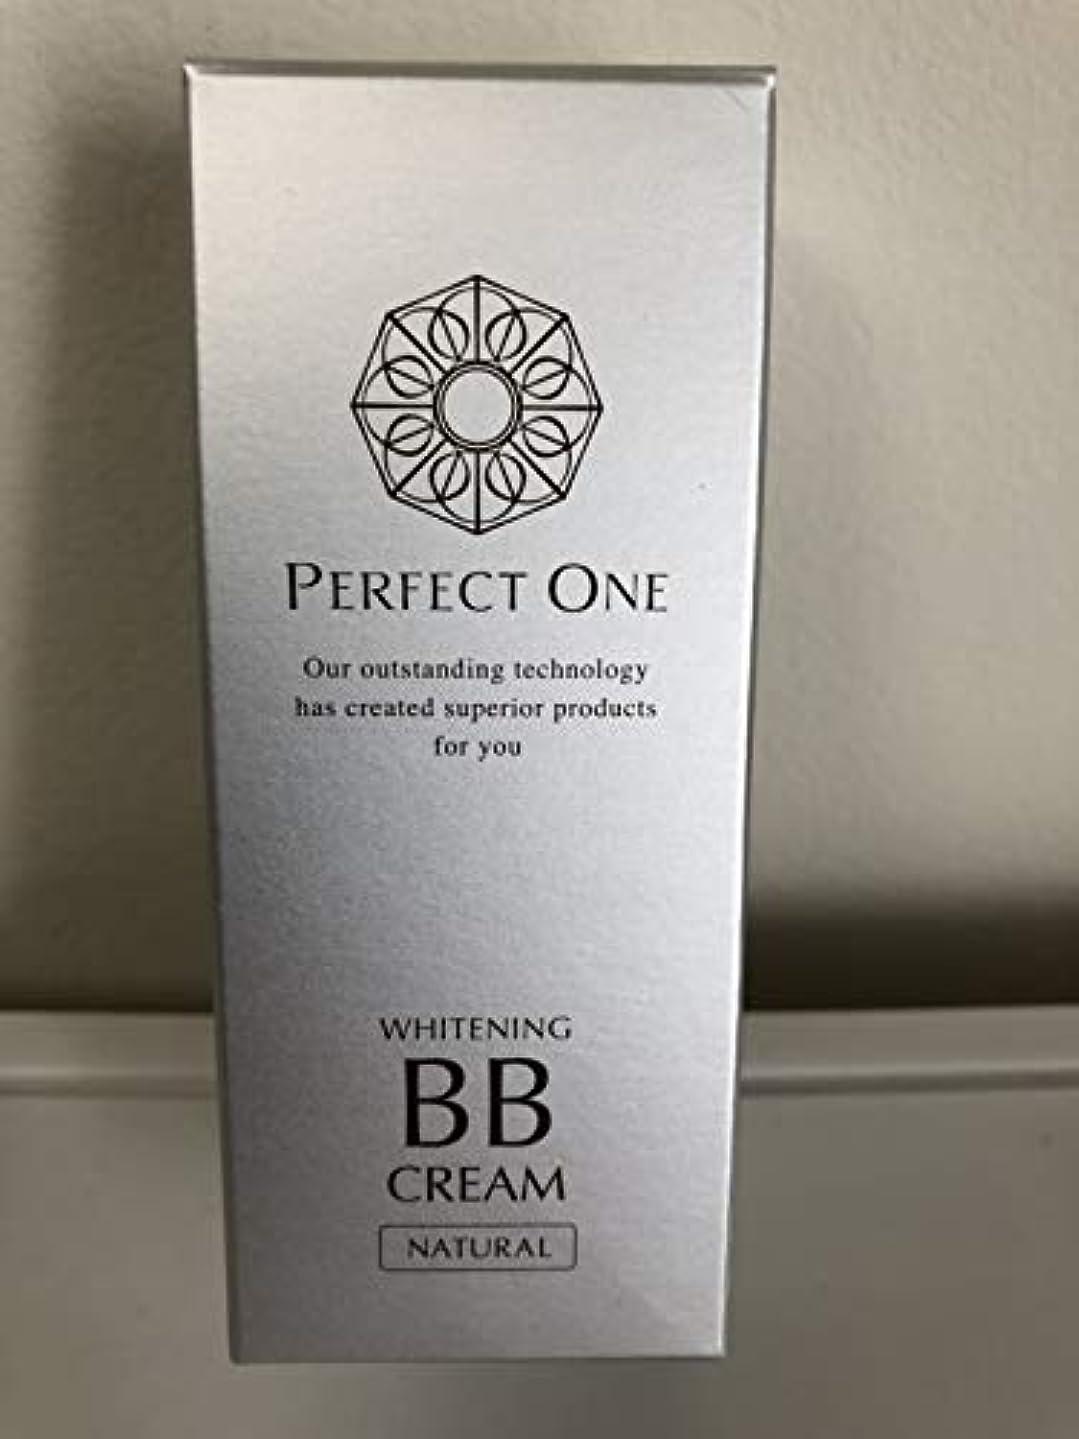 スワップ信仰指定する新日本製薬 パーフェクトワン 薬用ホワイトニングBBクリーム ナチュラル 25g